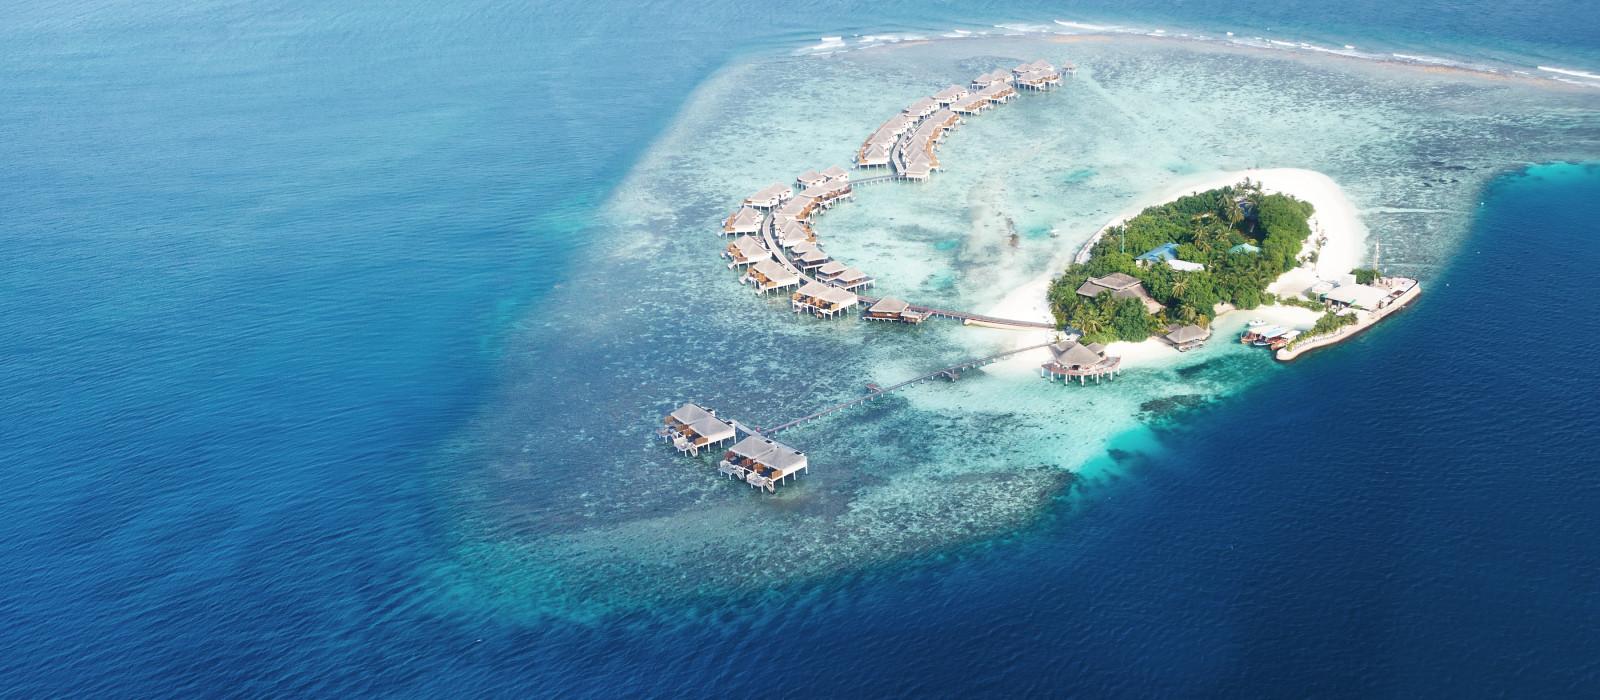 Gruppe von Atolle und Inseln auf den Malediven aus der Luft, Asien